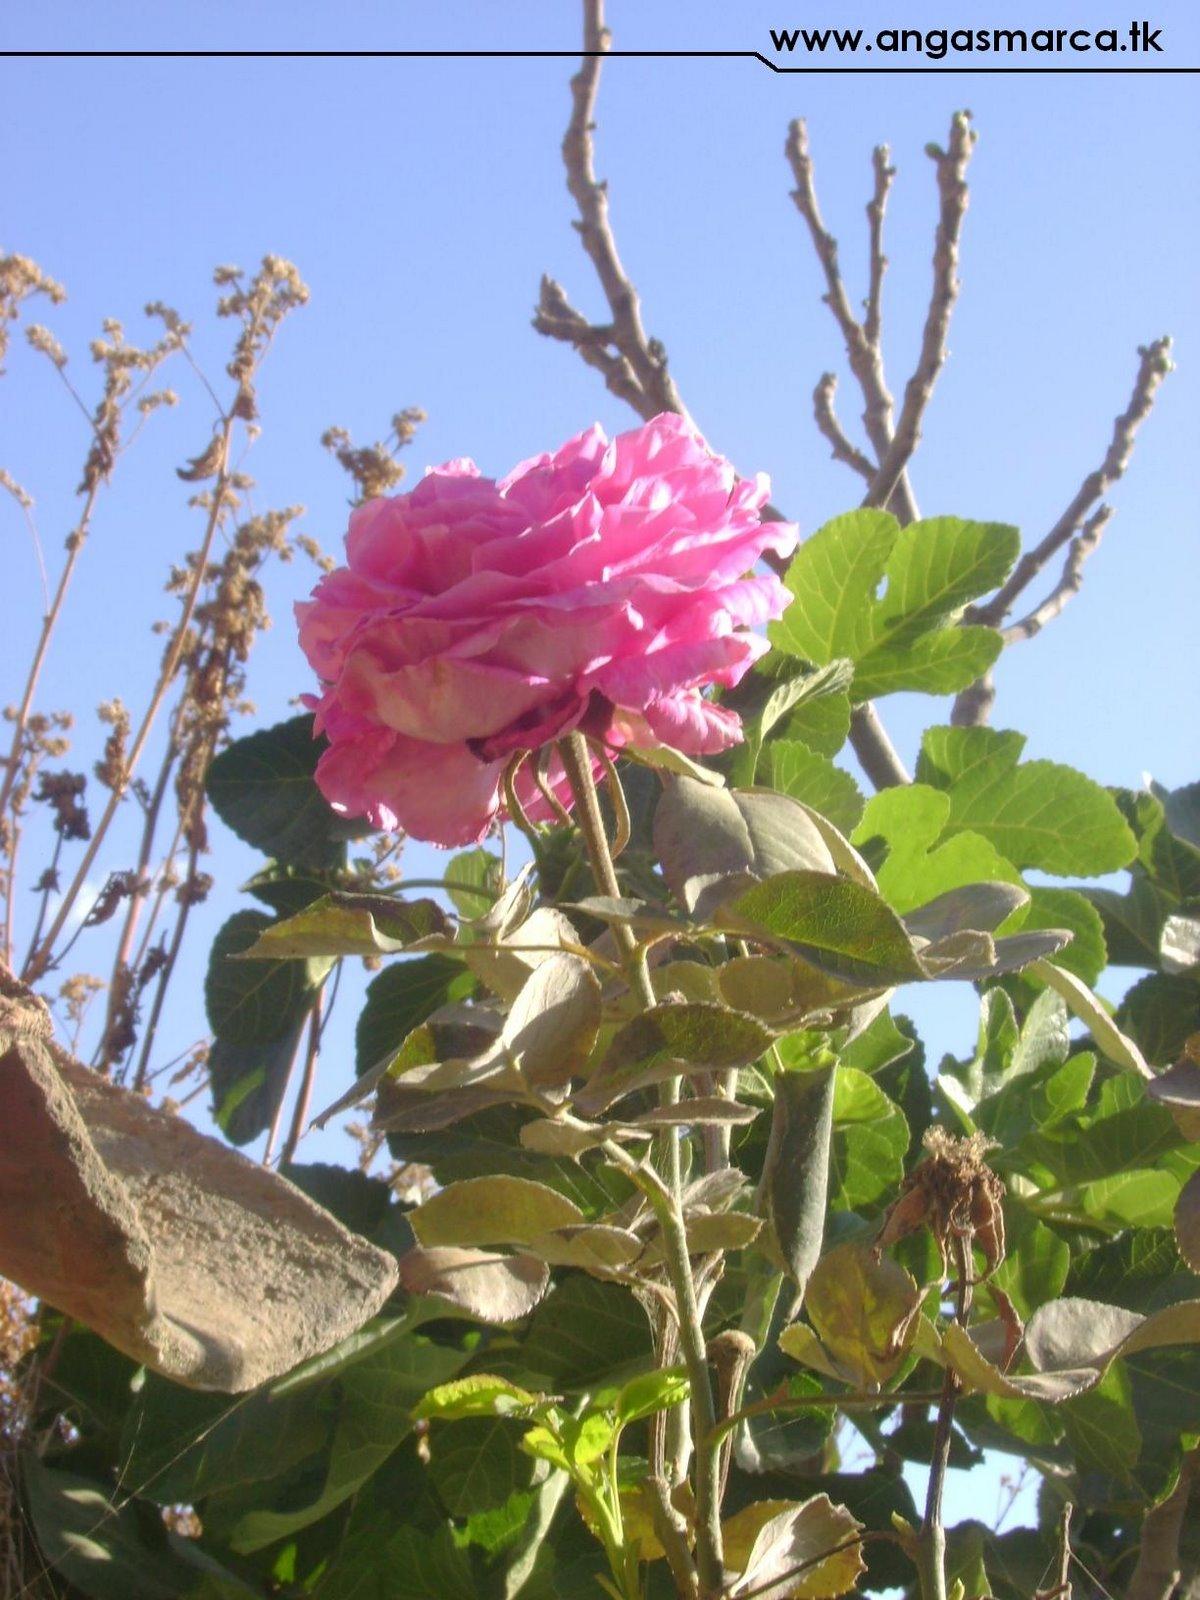 Rosa - Angasmarca